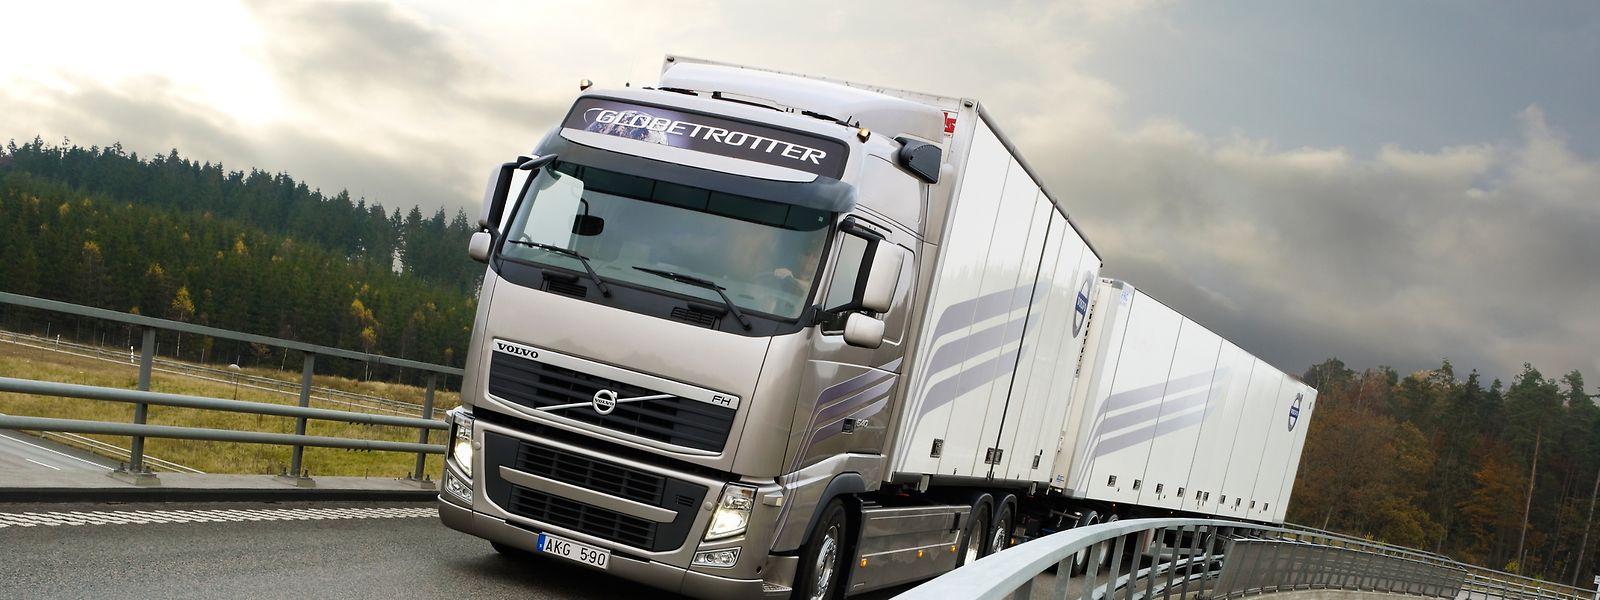 25 Meter lang statt 18,75: das spart Transportkosten und macht den Gütertransport über die Straßen billiger - bringt aber auch Probleme.